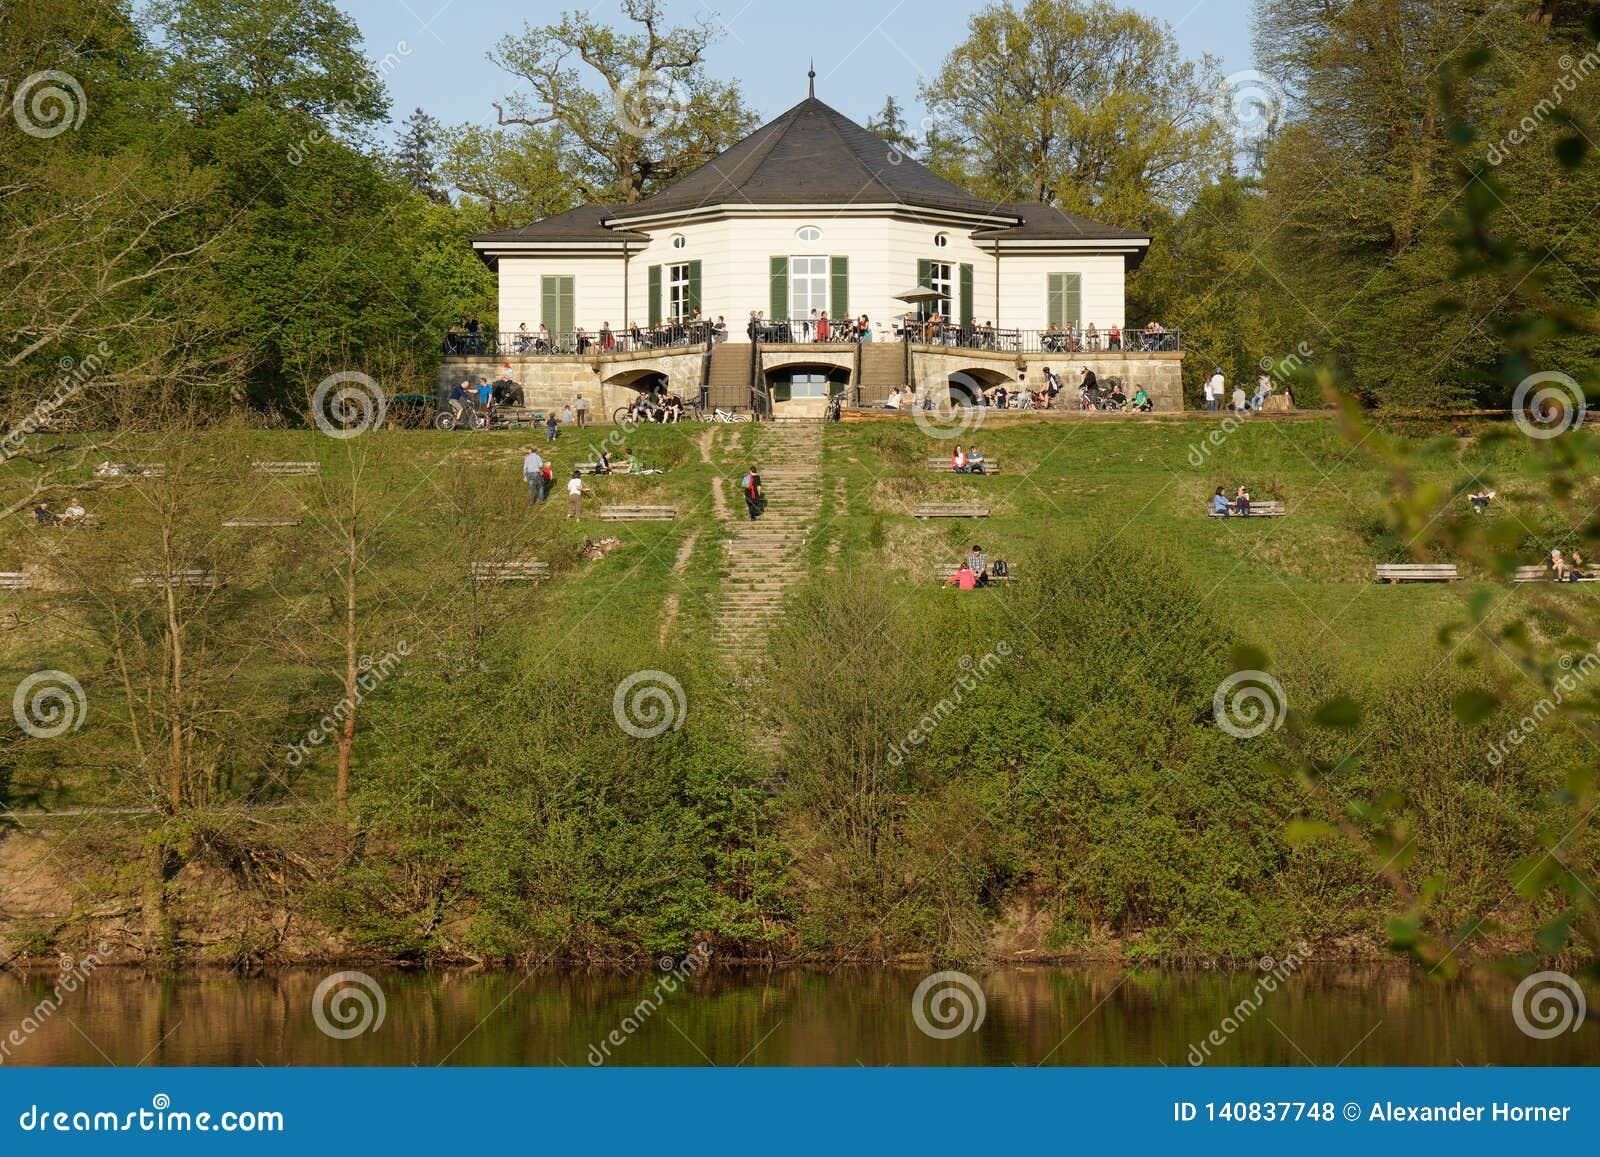 Little castle on lake shore recreation area of stuttgart